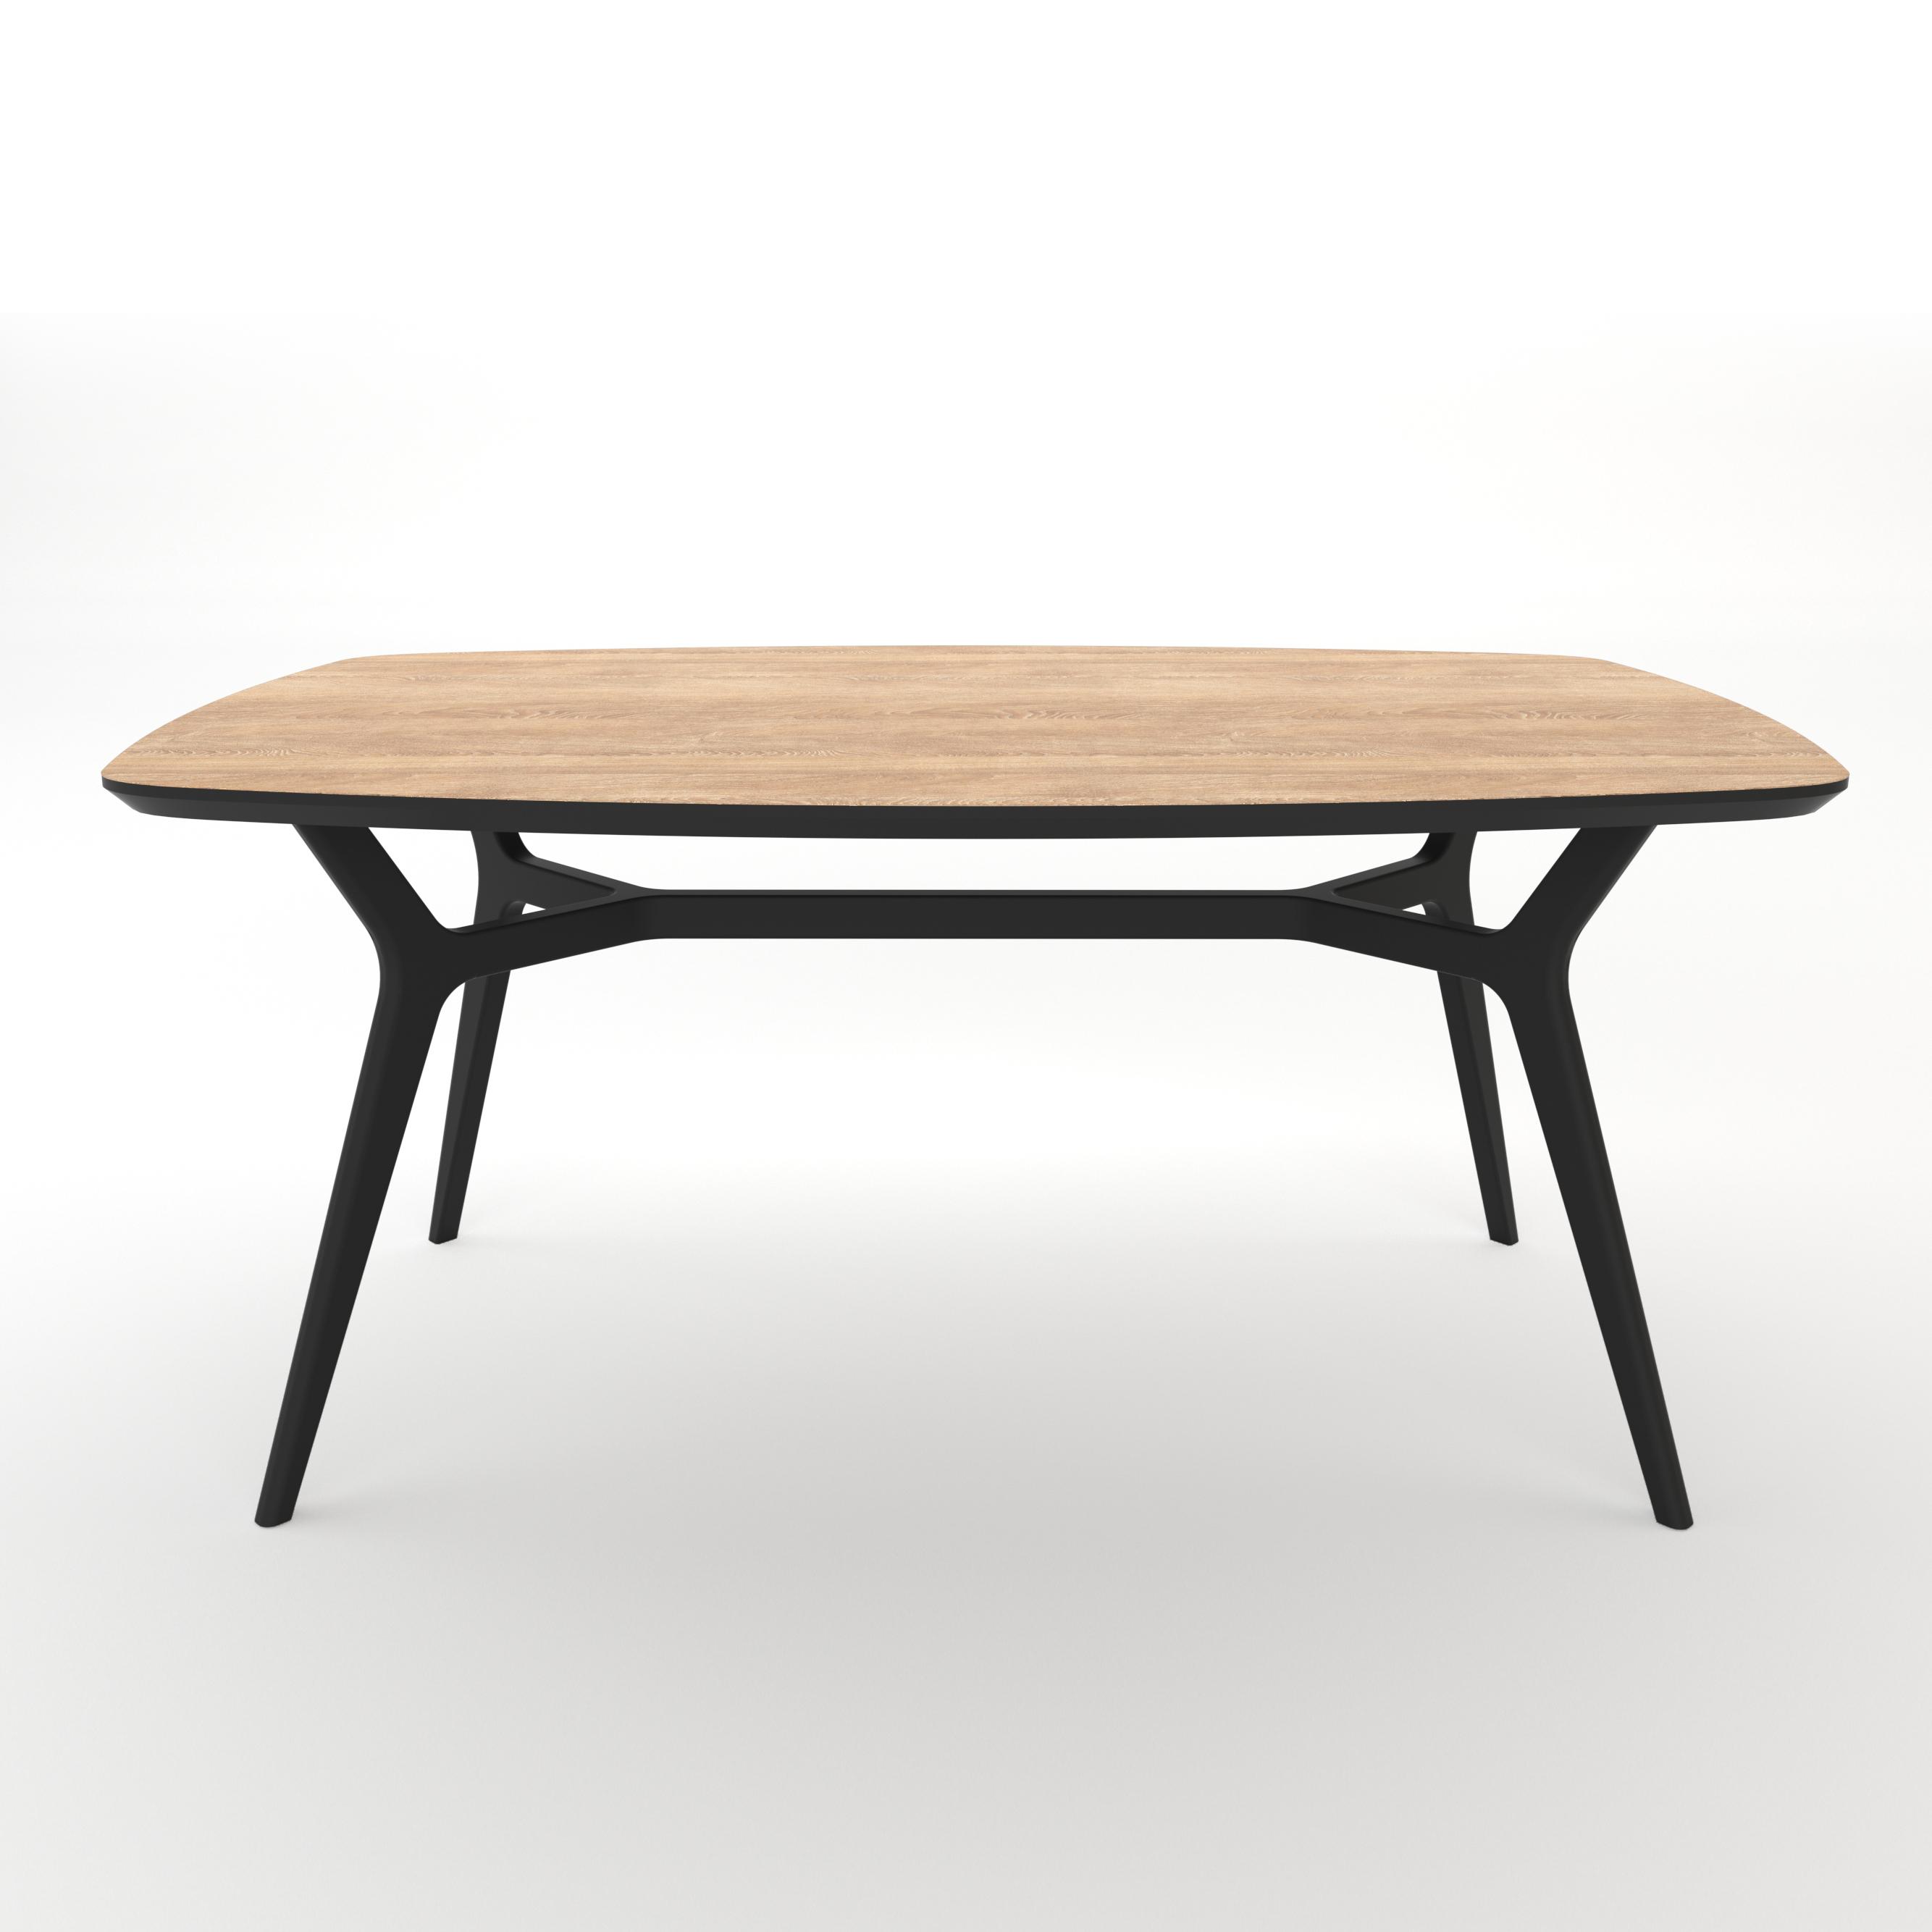 Стол JohannОбеденные столы<br>Тщательная проработка деталей и пропорций стола позволяет ему идеально вписаться в любой интерьер.&amp;lt;div&amp;gt;&amp;lt;br&amp;gt;&amp;lt;/div&amp;gt;&amp;lt;div&amp;gt;Отделка столешницы шпоном дуба, подстолье выкрашено в цвет графит. Сборка не требуется.&amp;lt;/div&amp;gt;<br><br>Material: МДФ<br>Ширина см: 140.0<br>Высота см: 75.0<br>Глубина см: 80.0